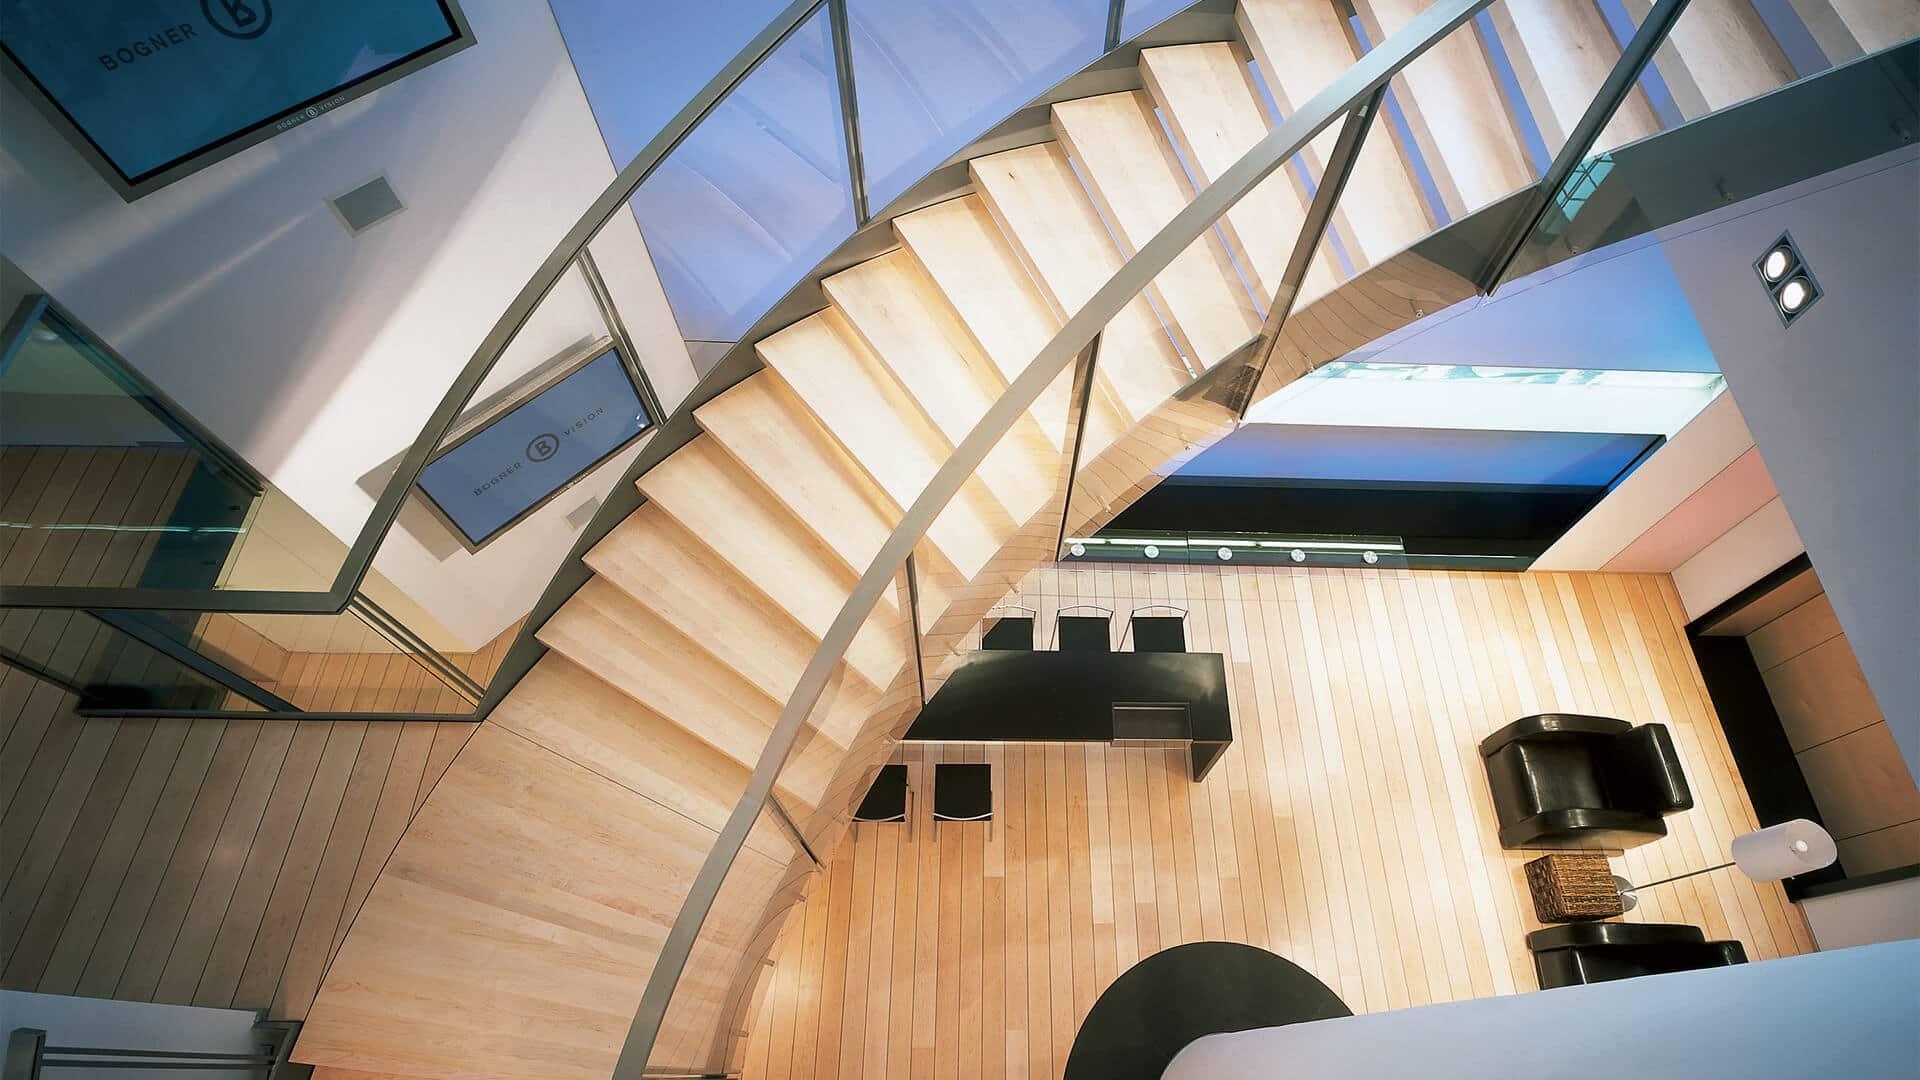 innenarchitektur nc münchen – dogmatise, Innenarchitektur ideen